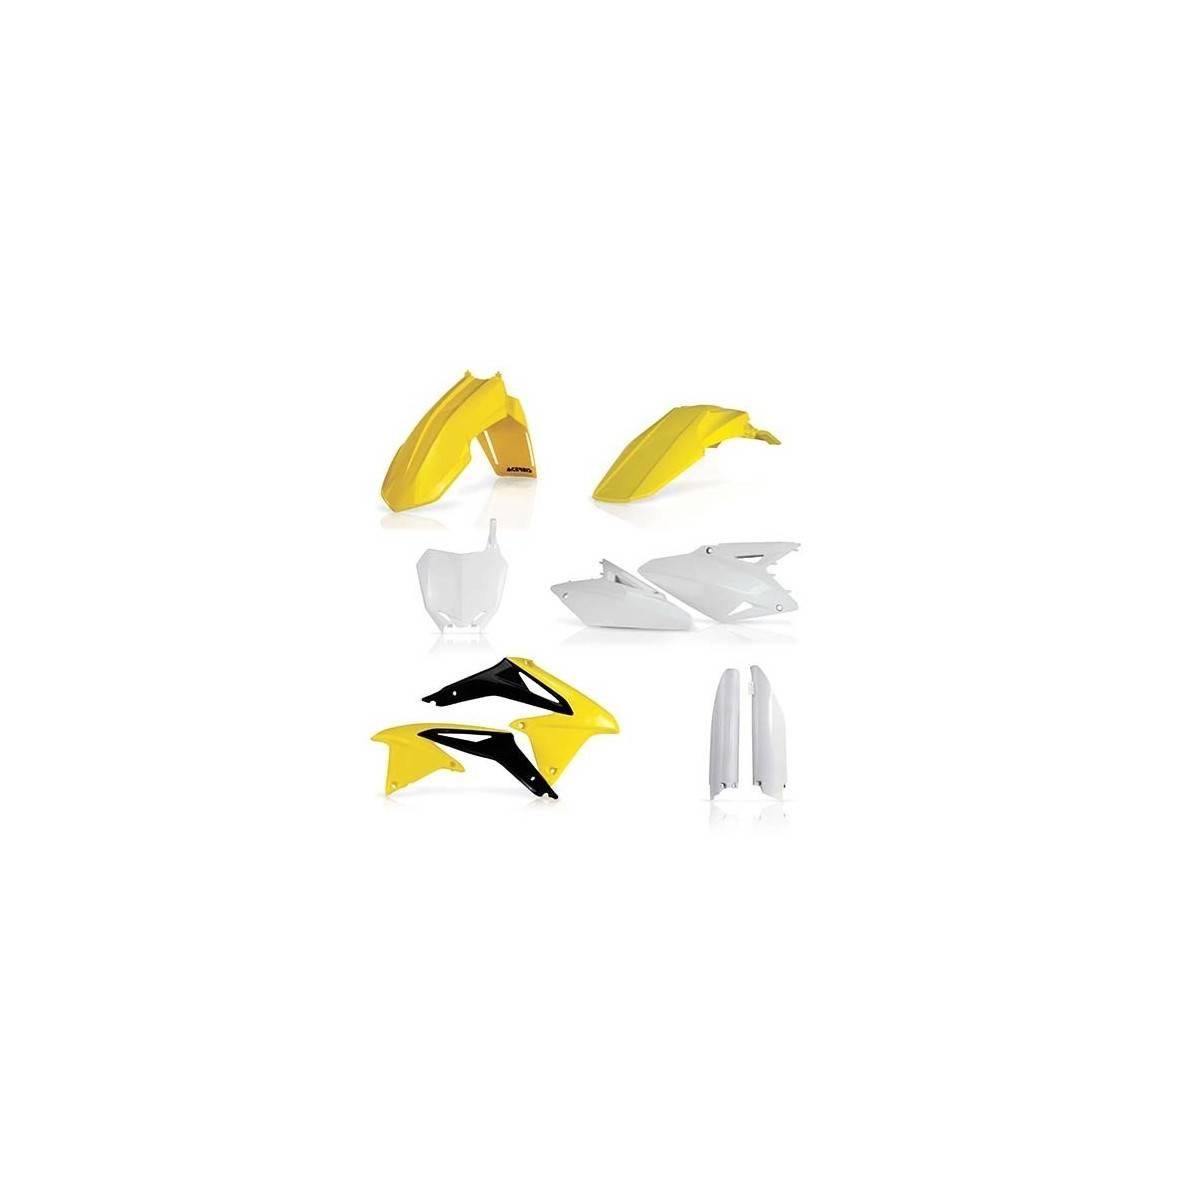 0022385-061 - Full Kit Plasticos Acerbis Crf 250 18 Crf450 17 18 Amarillo Fluor